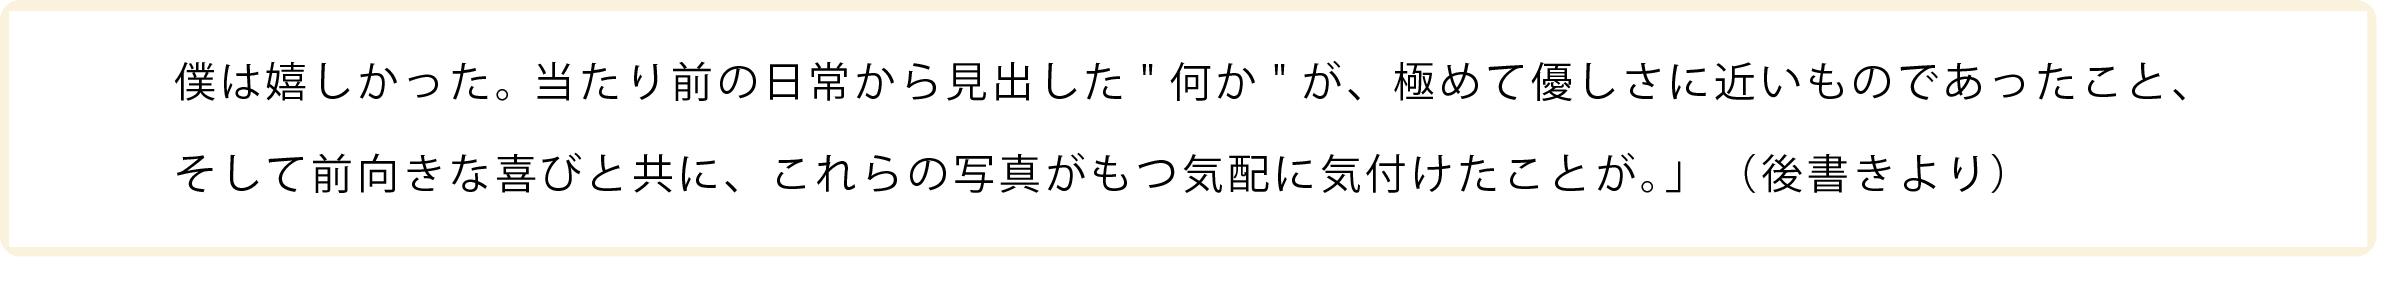 okuyamaba02.jpg